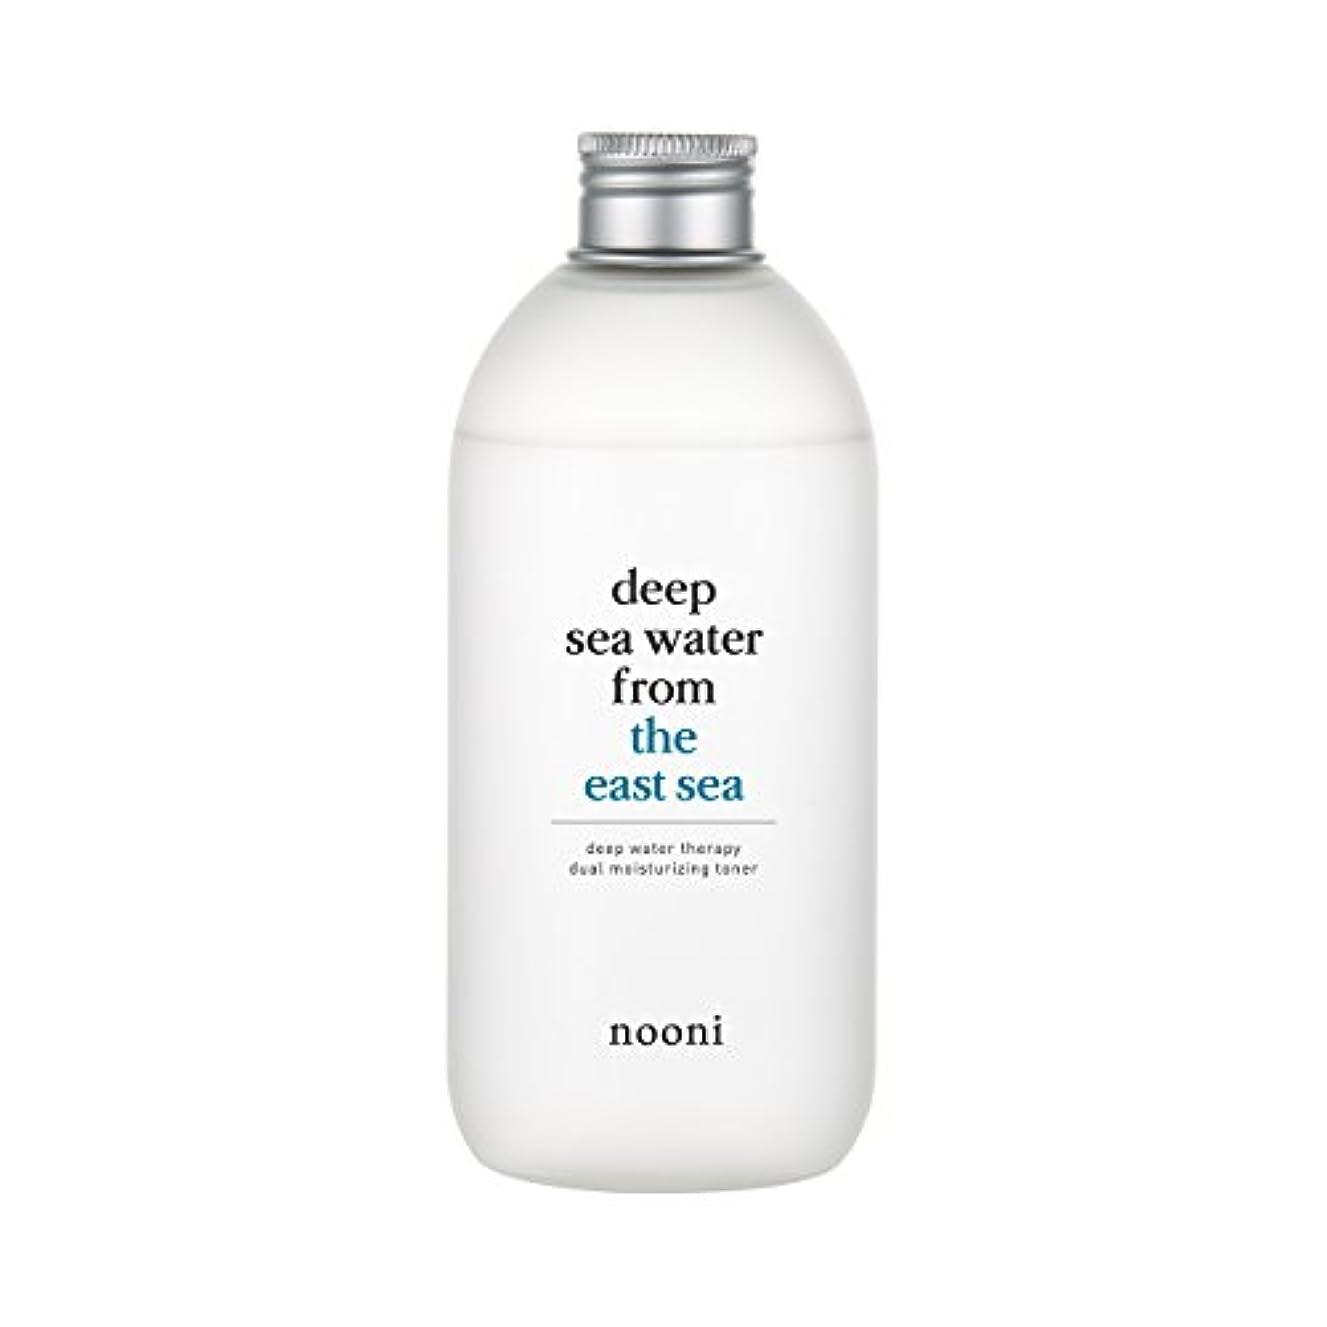 エイズ信仰消防士NOONI ディープウォーターセラピー二重の保湿化粧水310Ml #全てのスキンタイプに